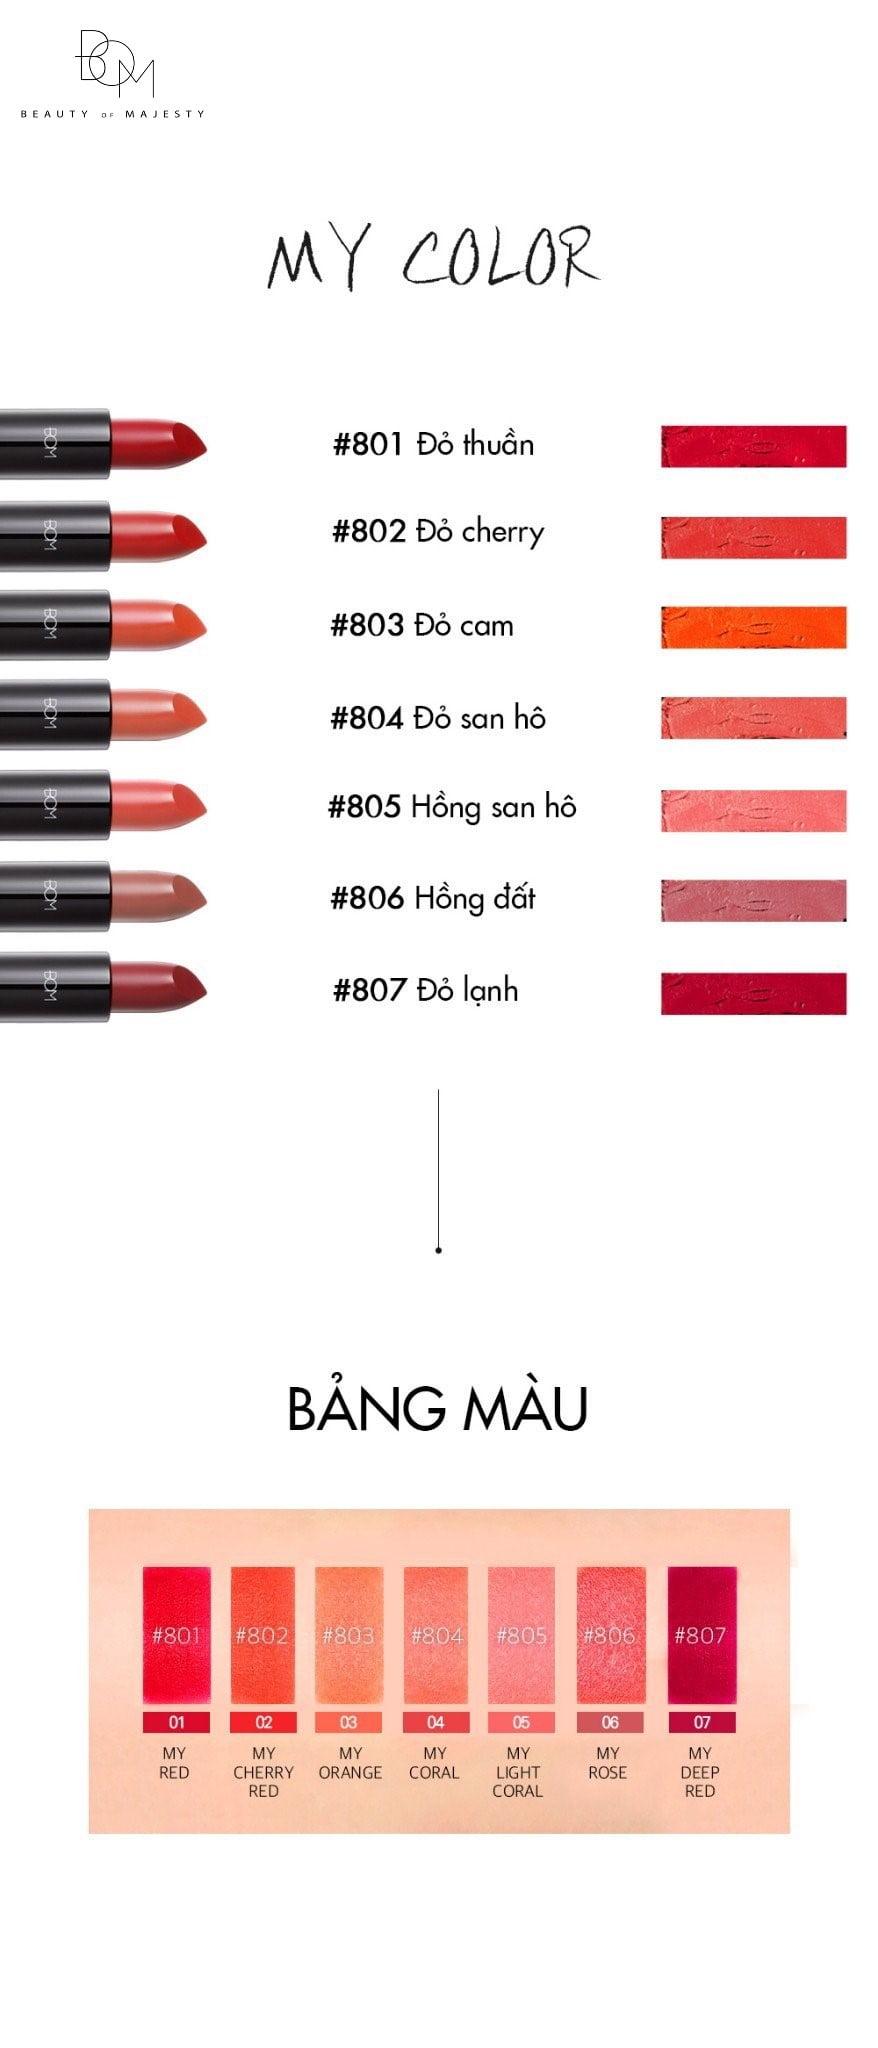 Bảng màu đầy ấn tượng của B.O.M Lipstick với 7 màu sắc thời thượng, dễ dùng